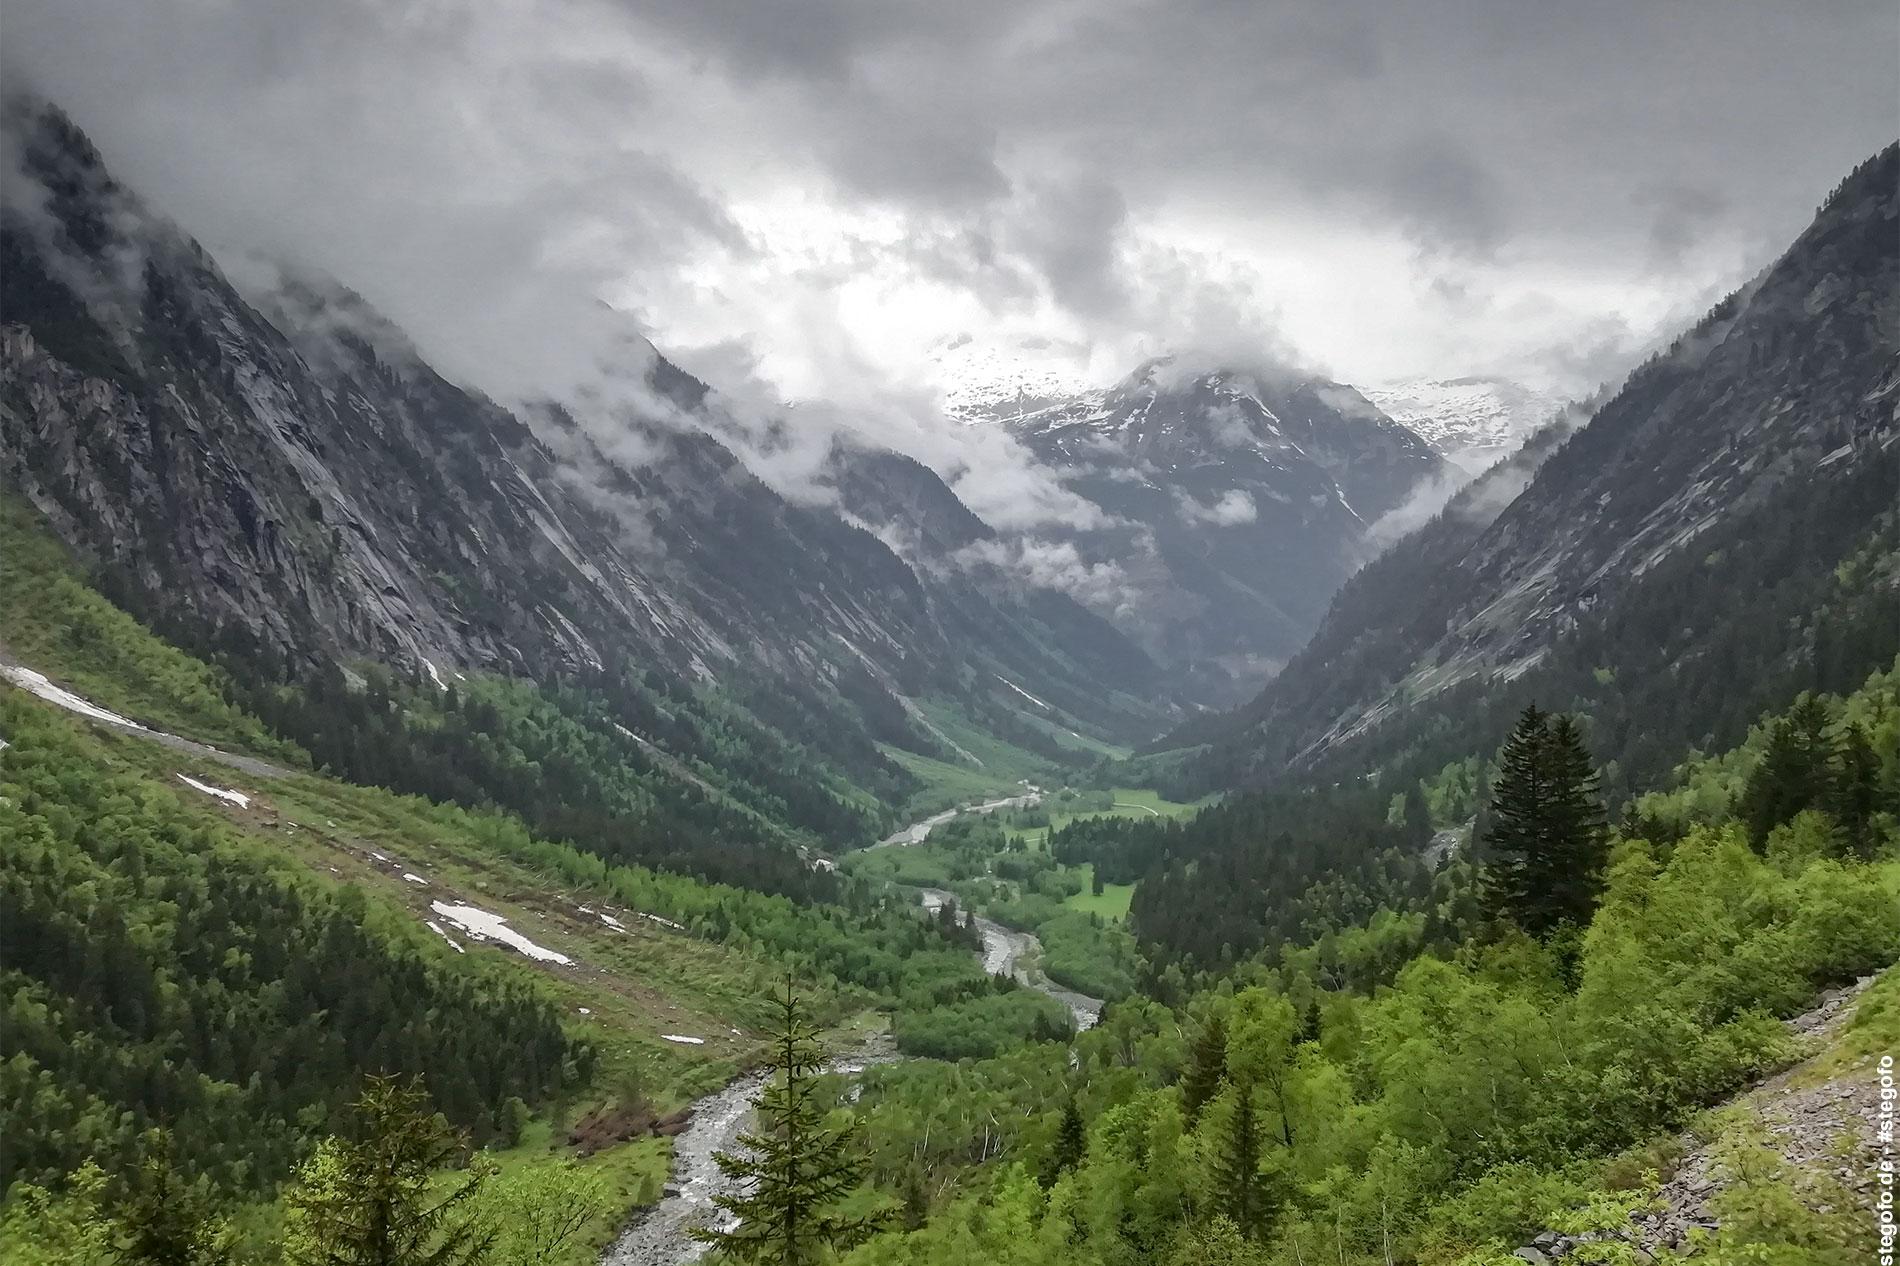 Der Blick in das Tal